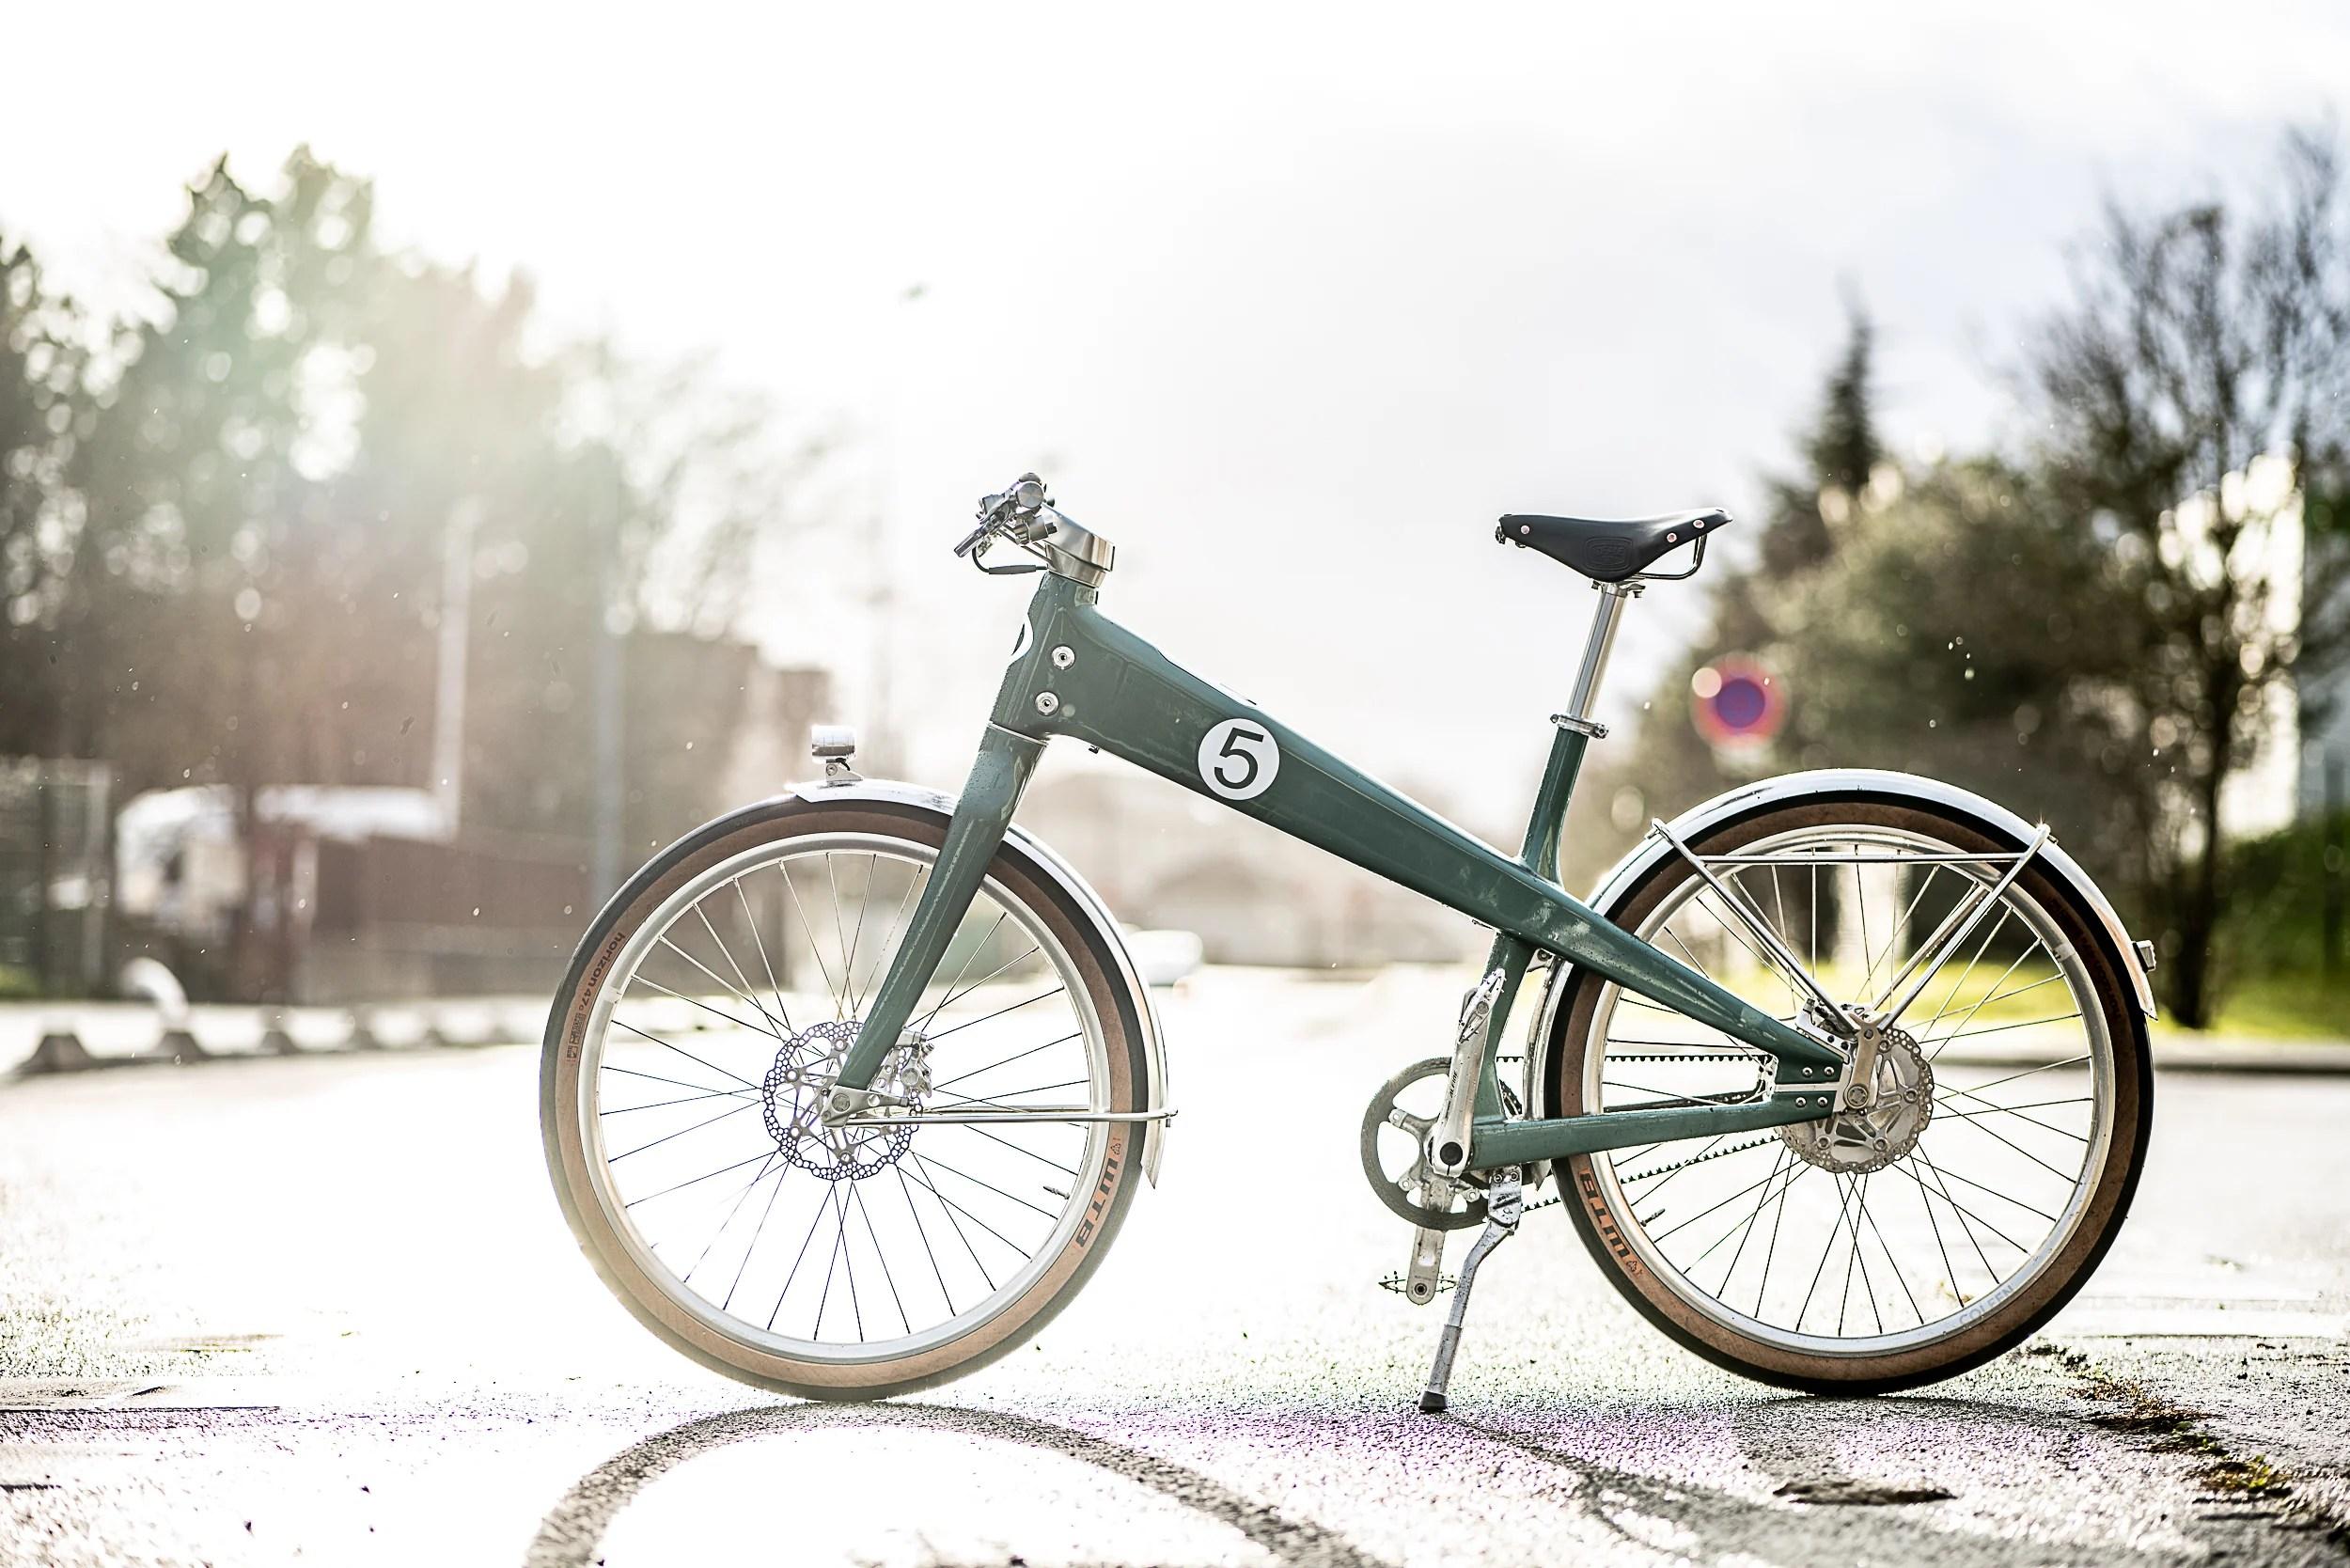 C'est officiel, la prime à la conversion s'étend aux vélos électriques et vélos cargos